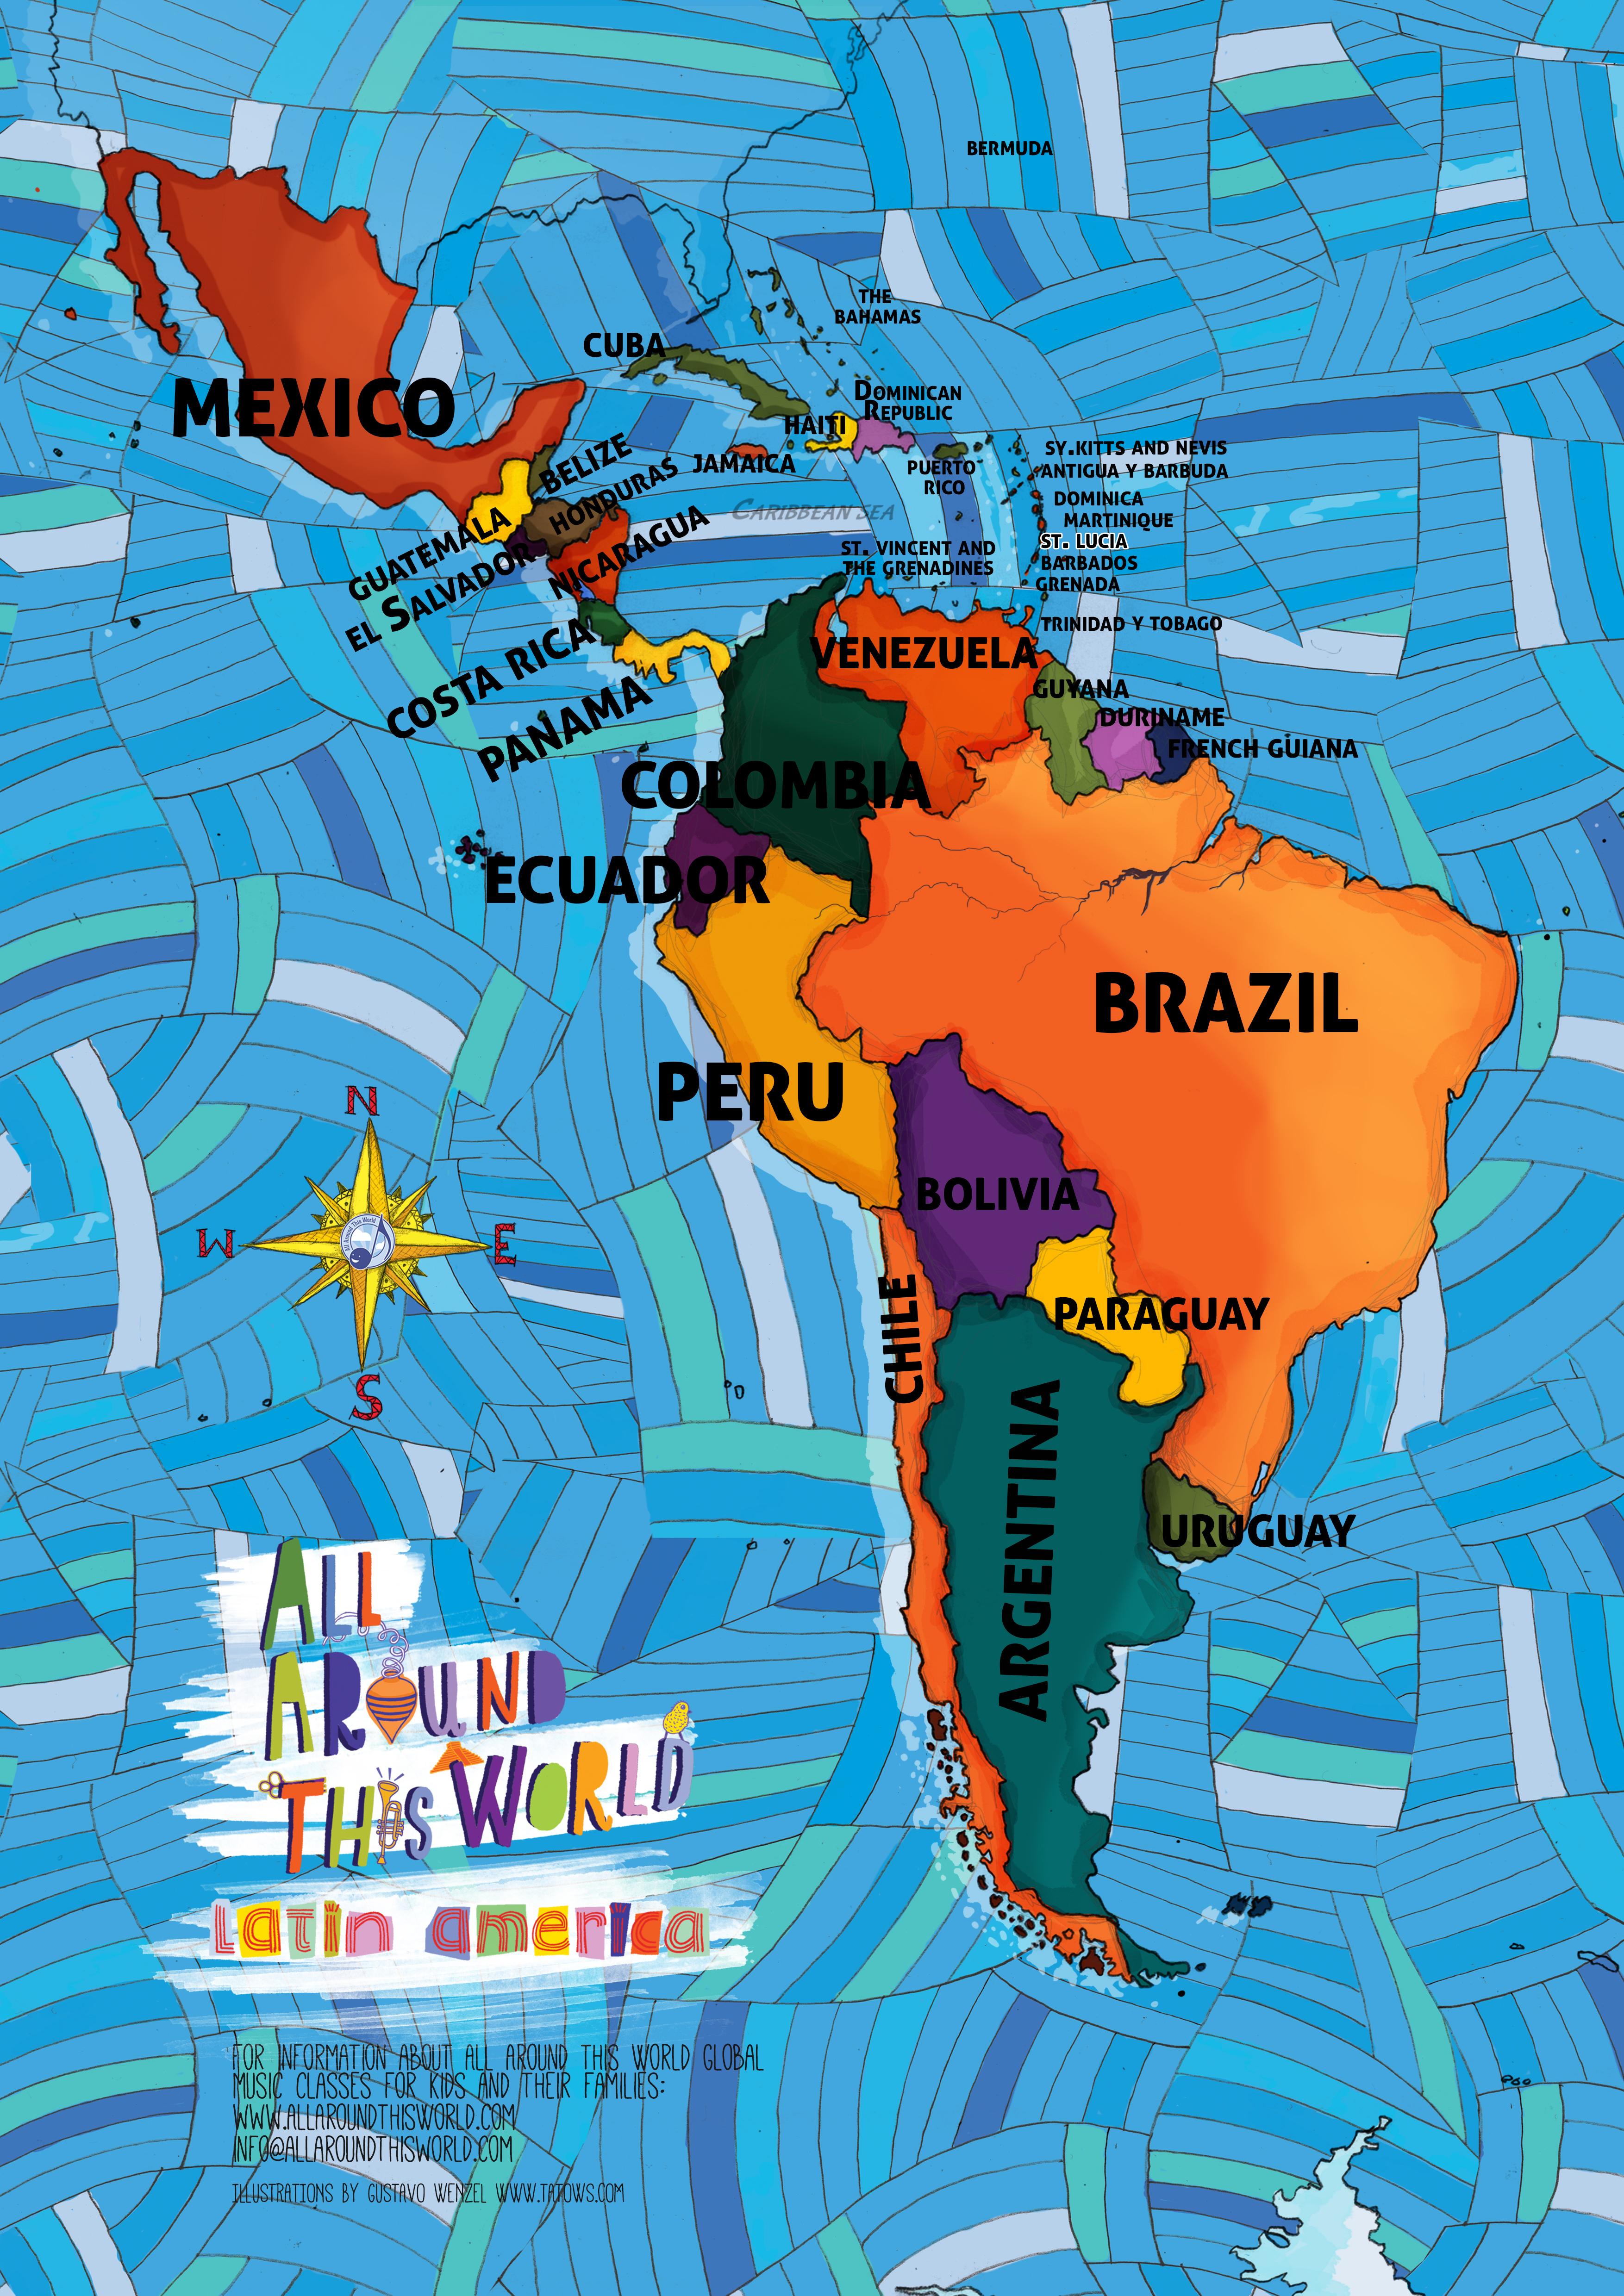 Latin America -- All Around This World